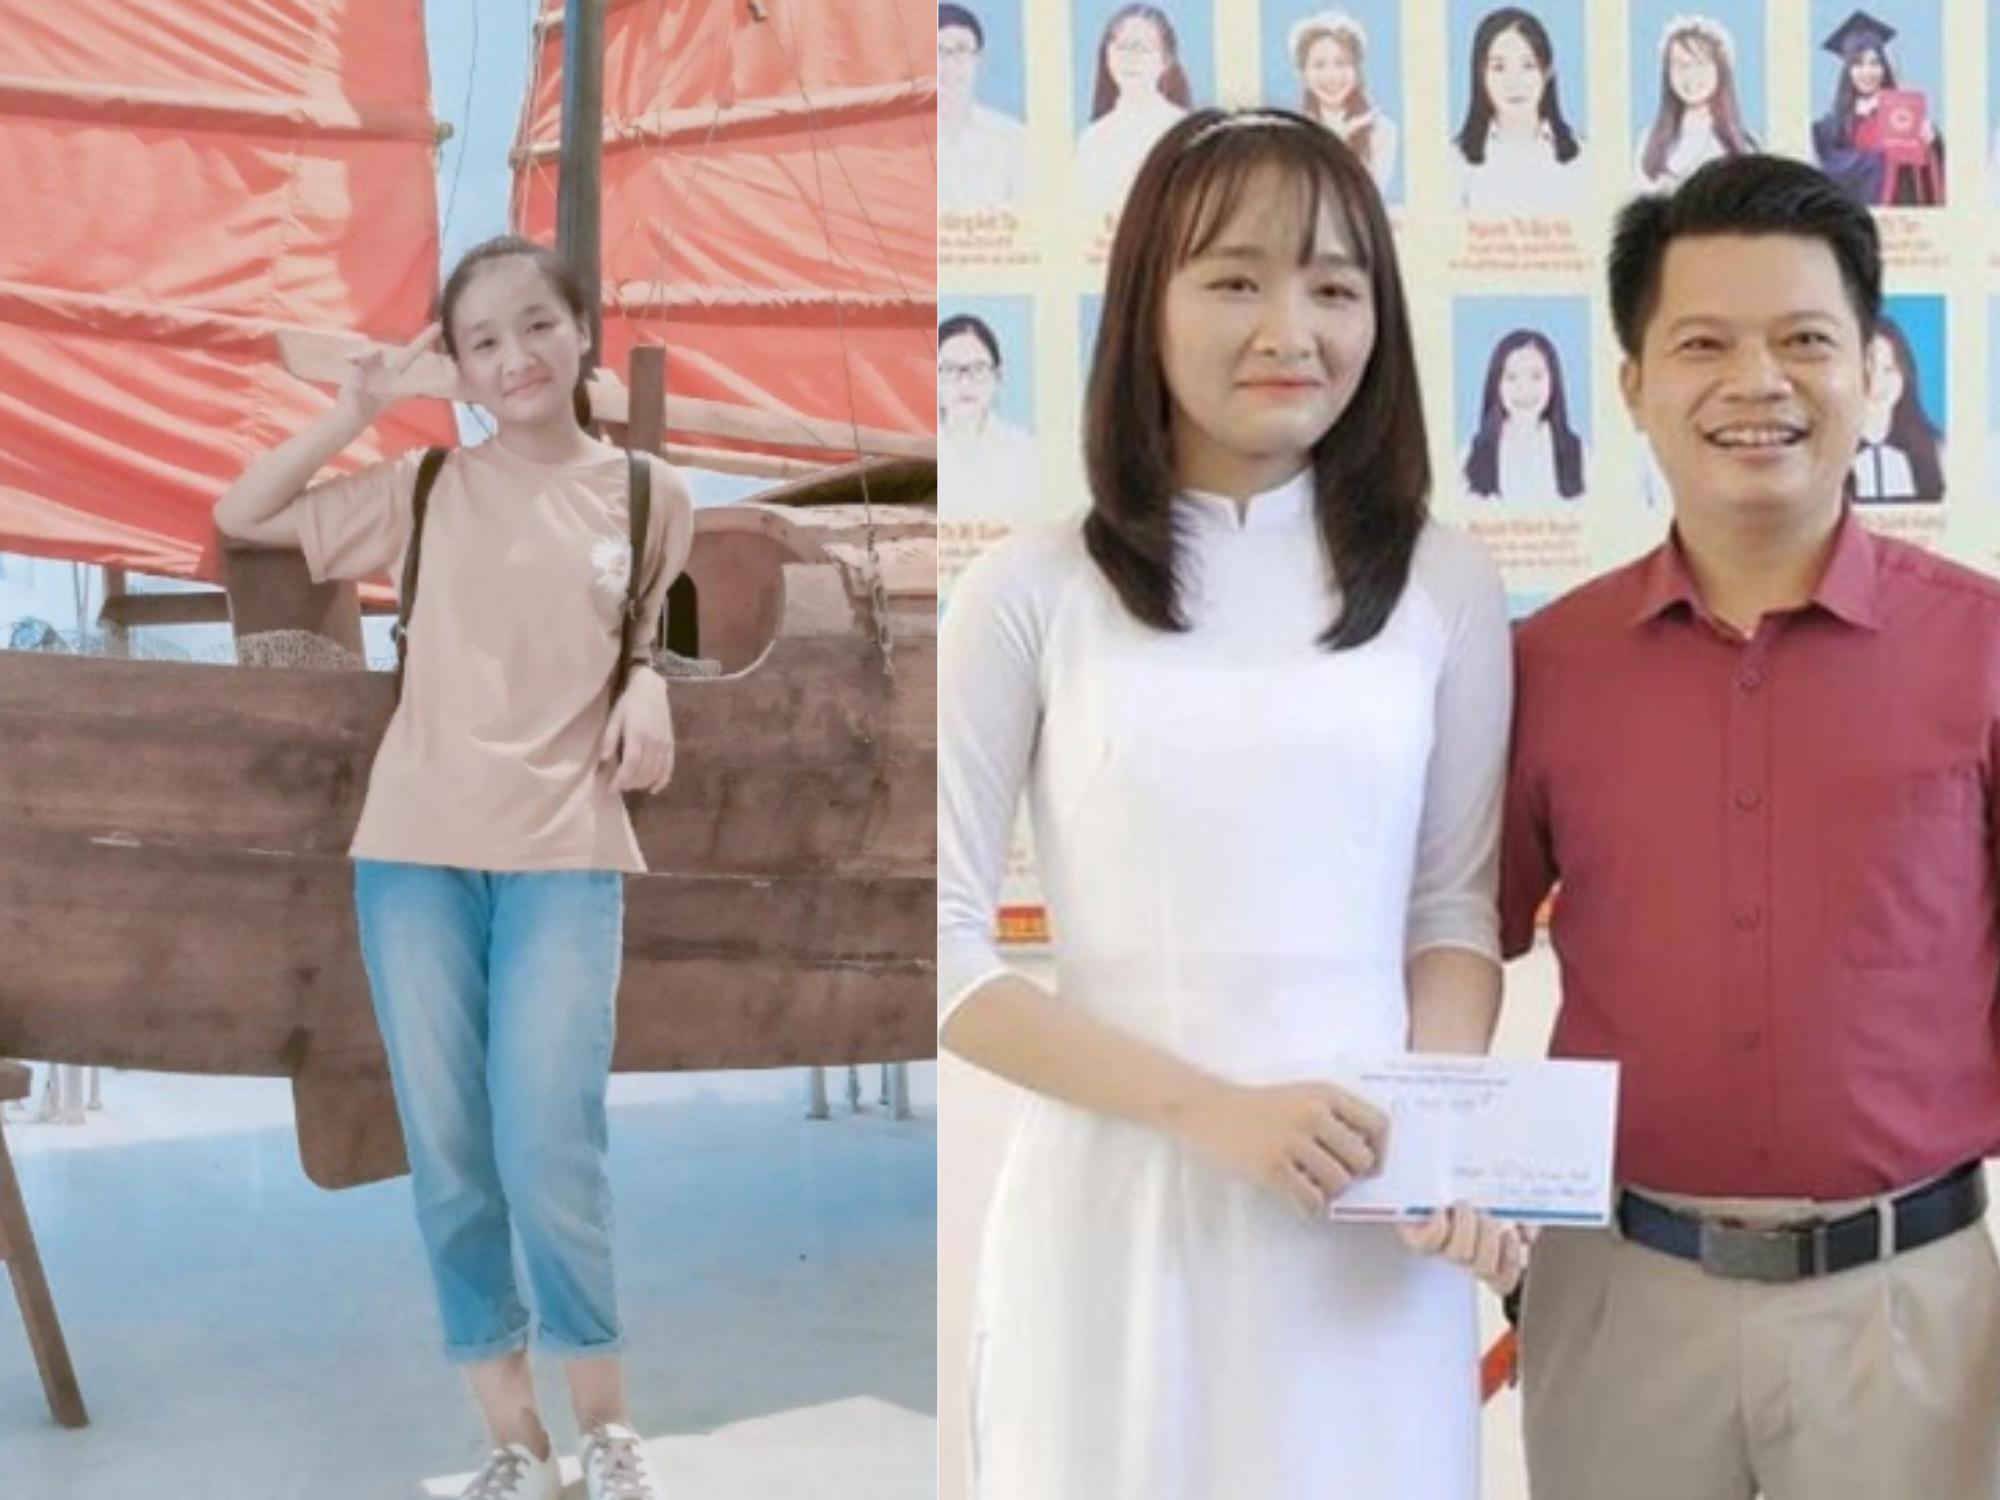 Nữ sinh Hà Tĩnh đạt 3 điểm 10 tuyệt đối khối B, giành ngôi vị Thủ khoa toàn quốc trong kỳ thi THPT Quốc Gia